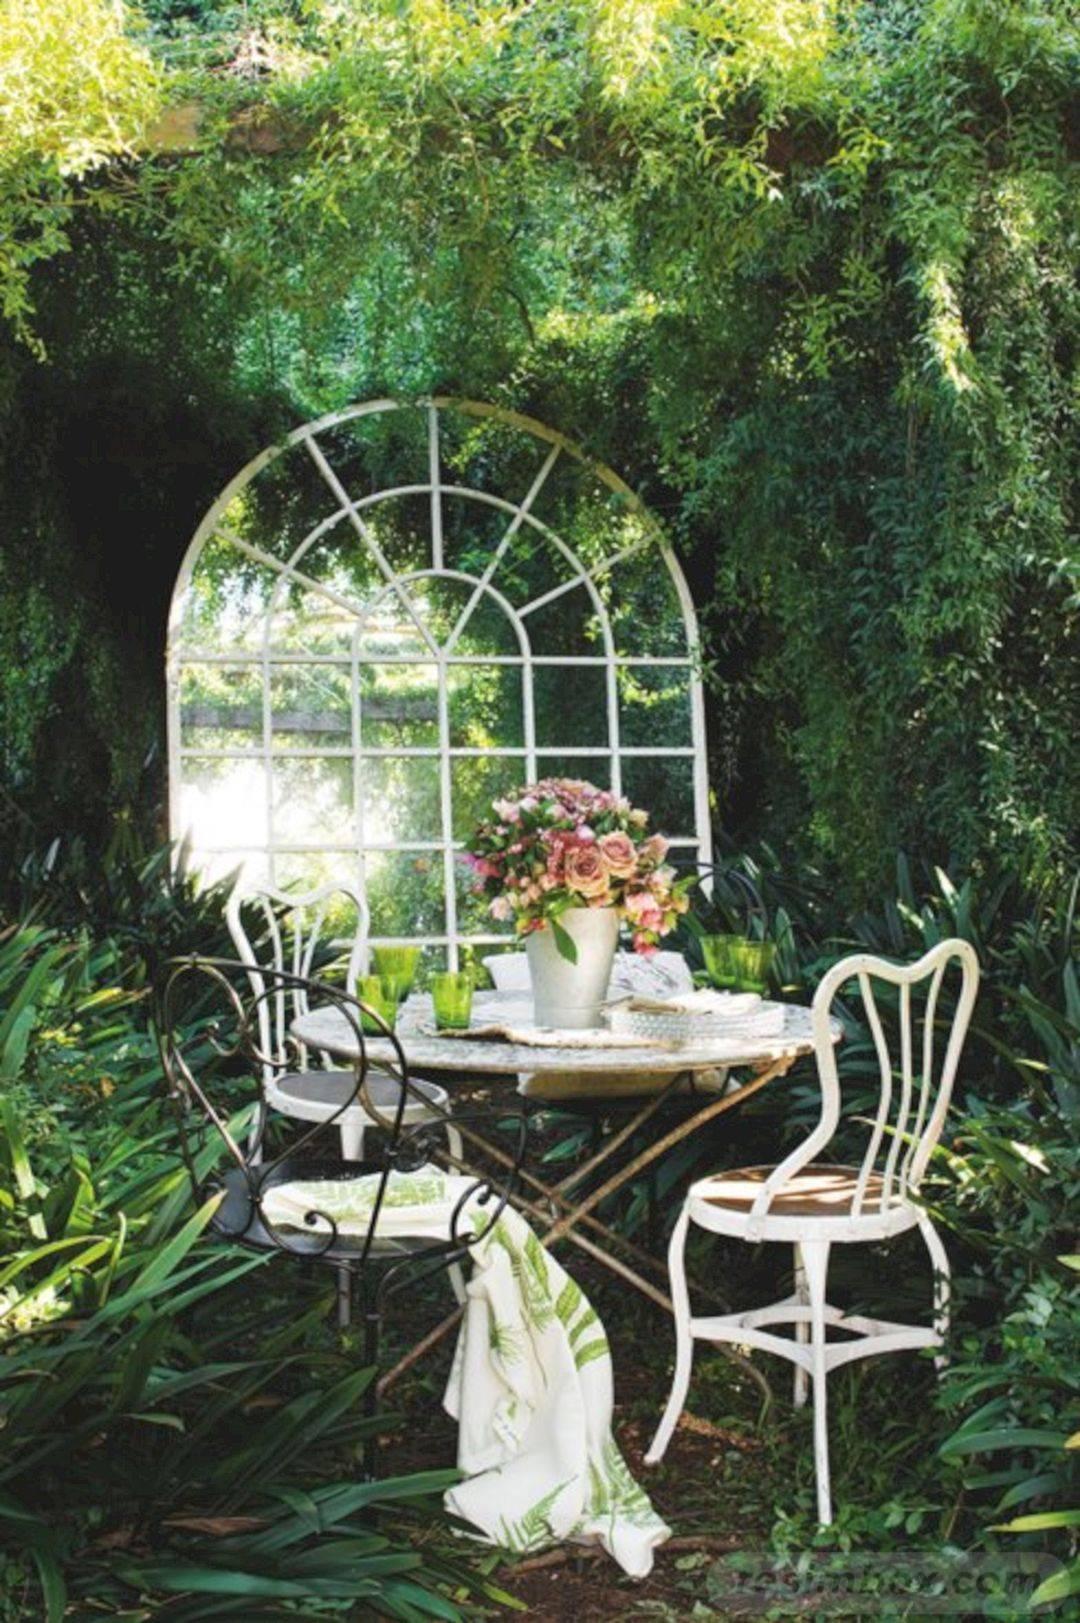 diy easy garden ideas-18225573479749042